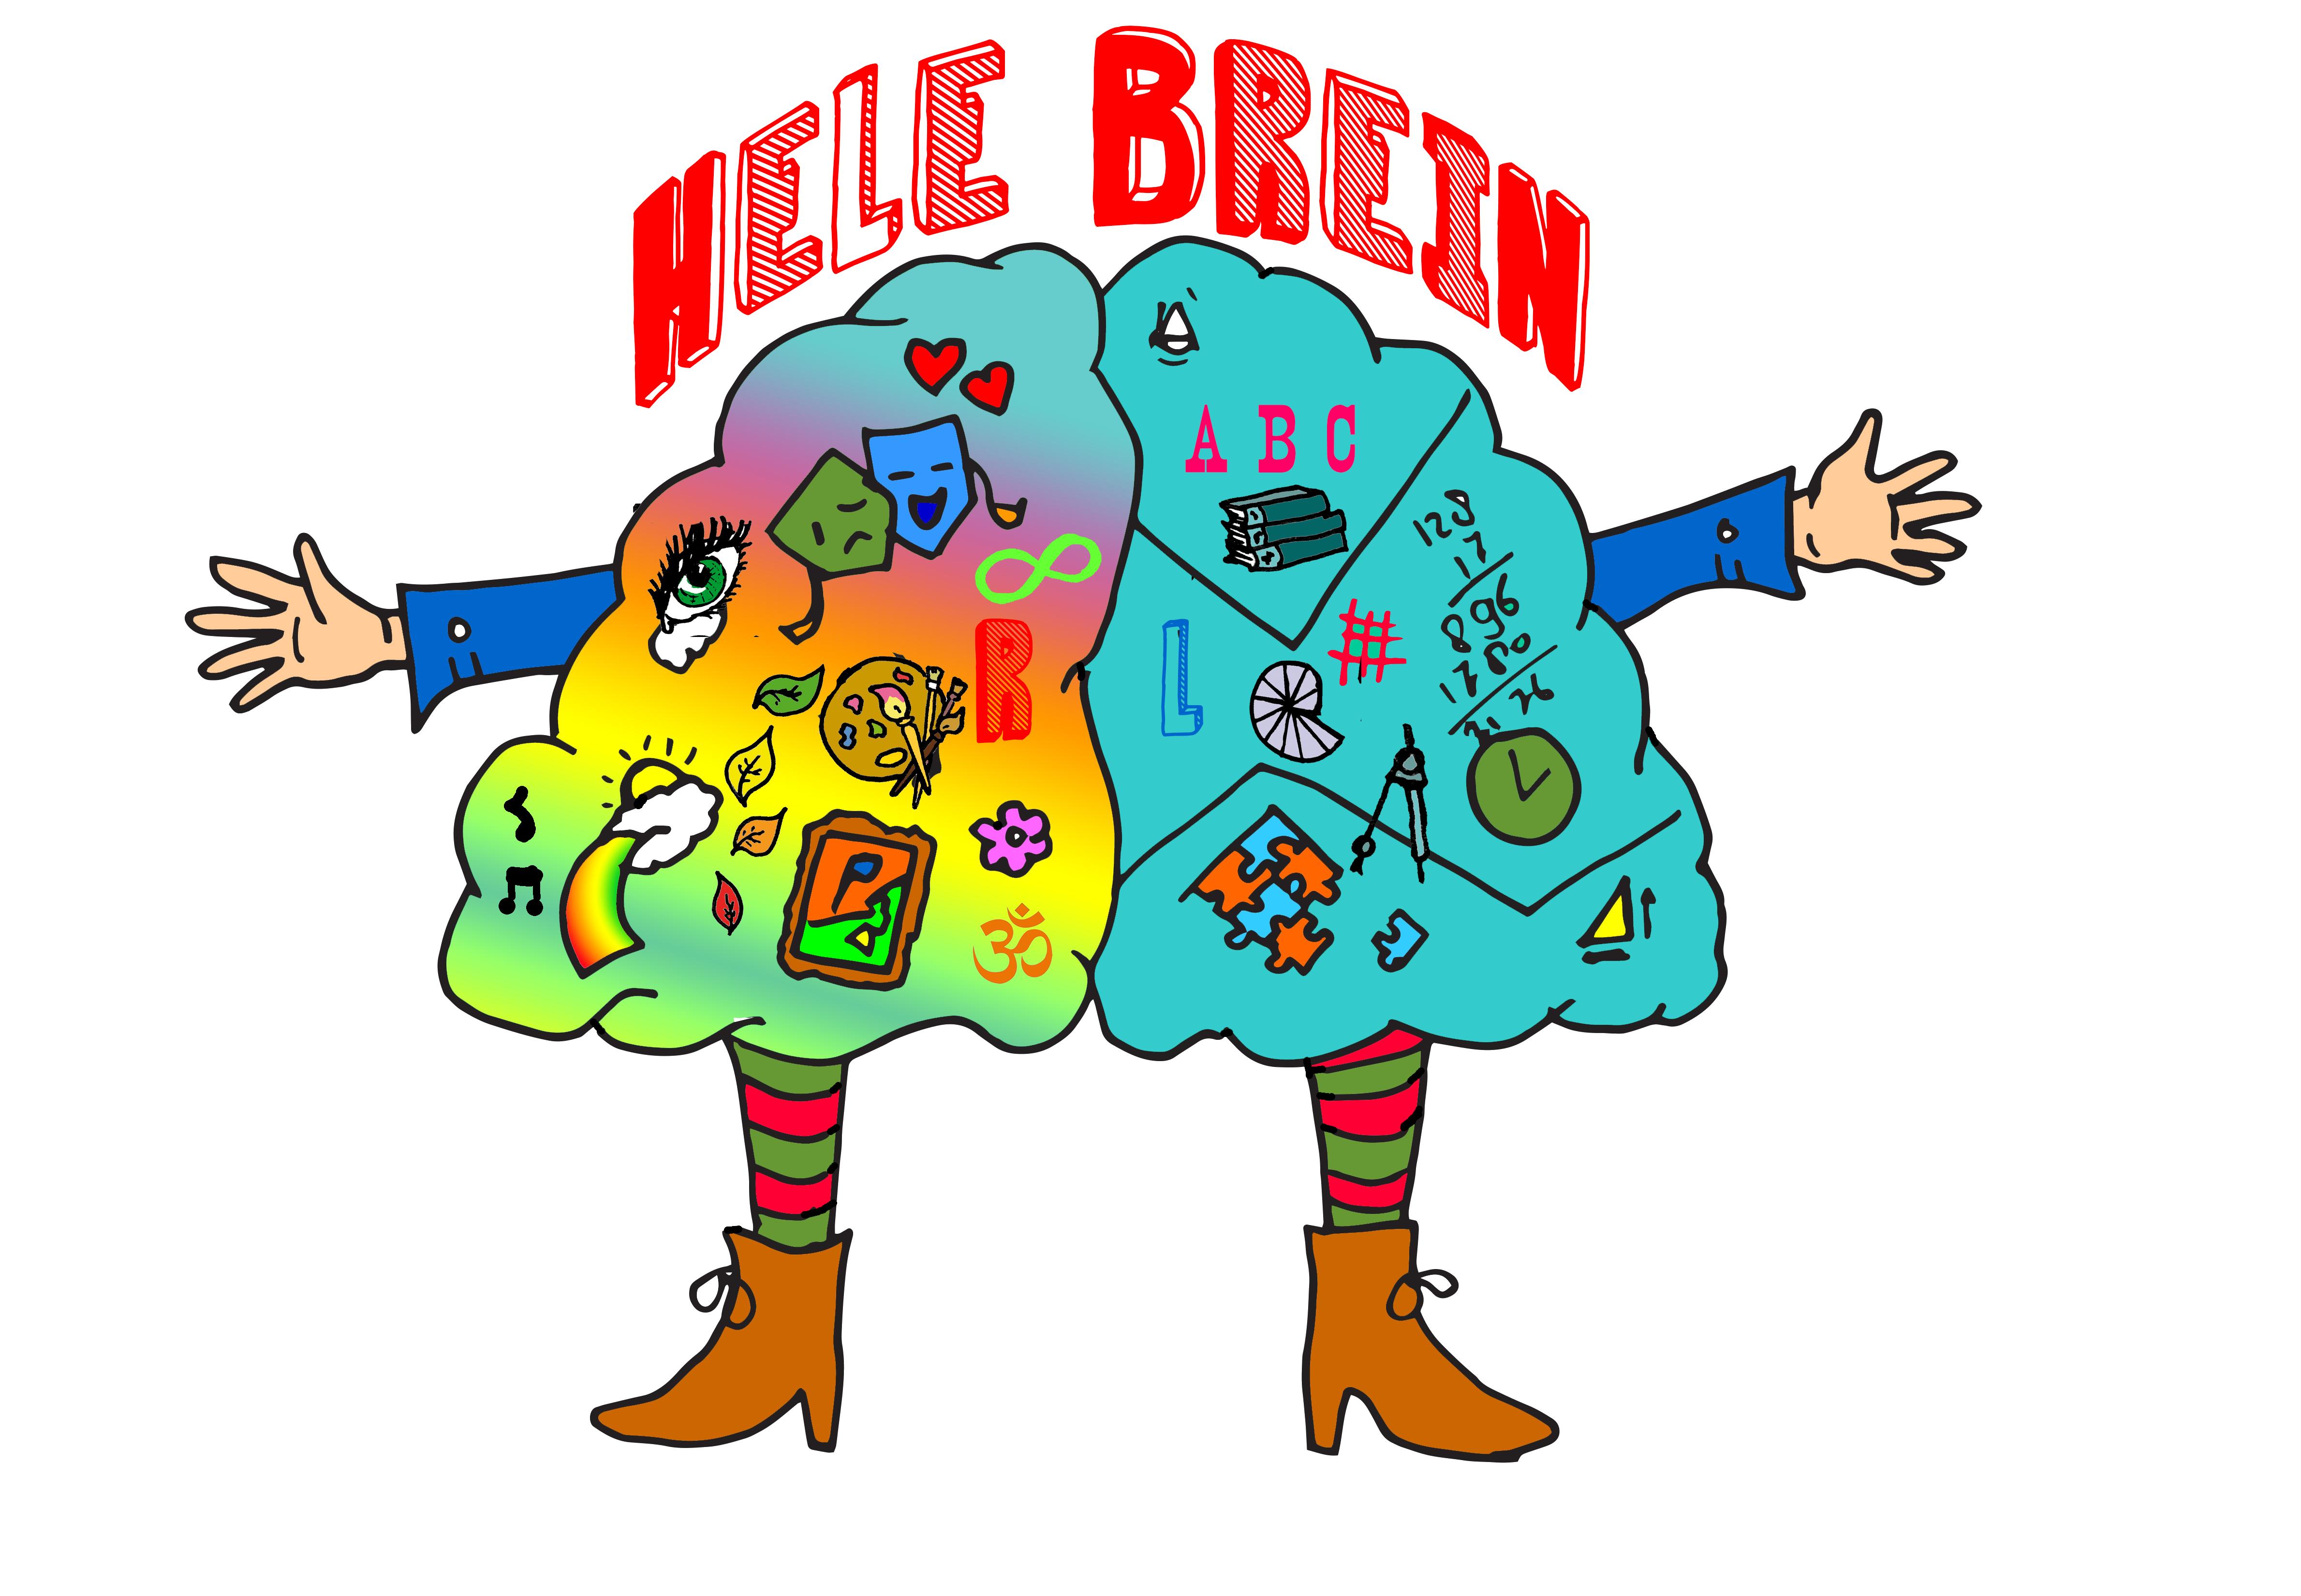 Illustratie: Het hele brein